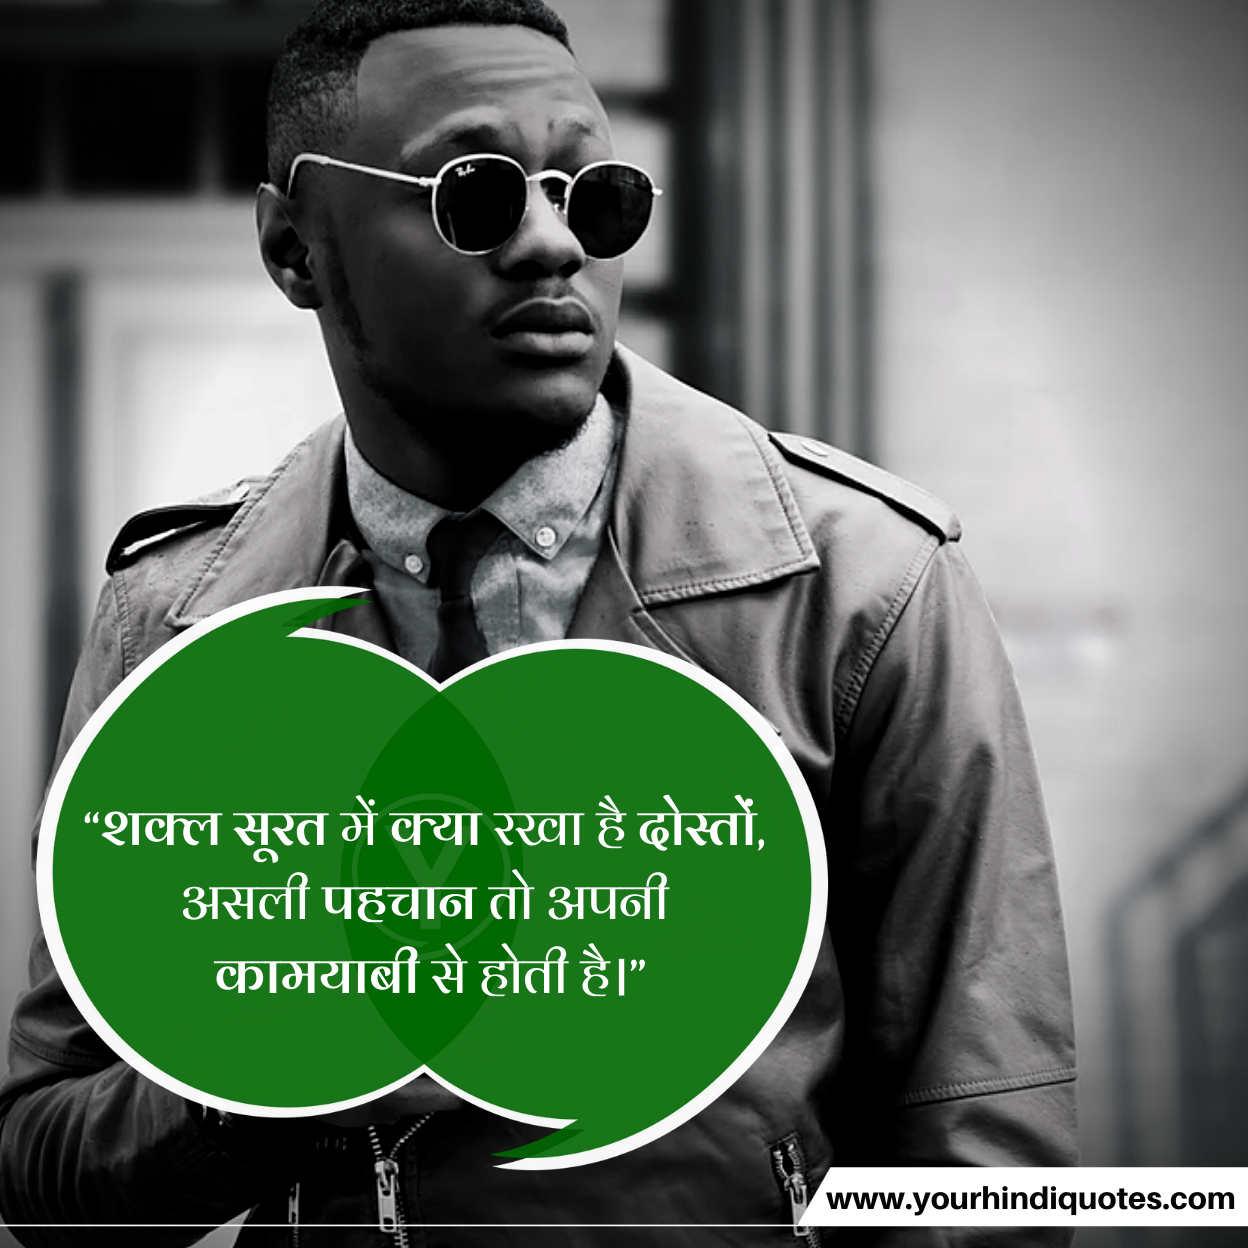 Life Status quote picture